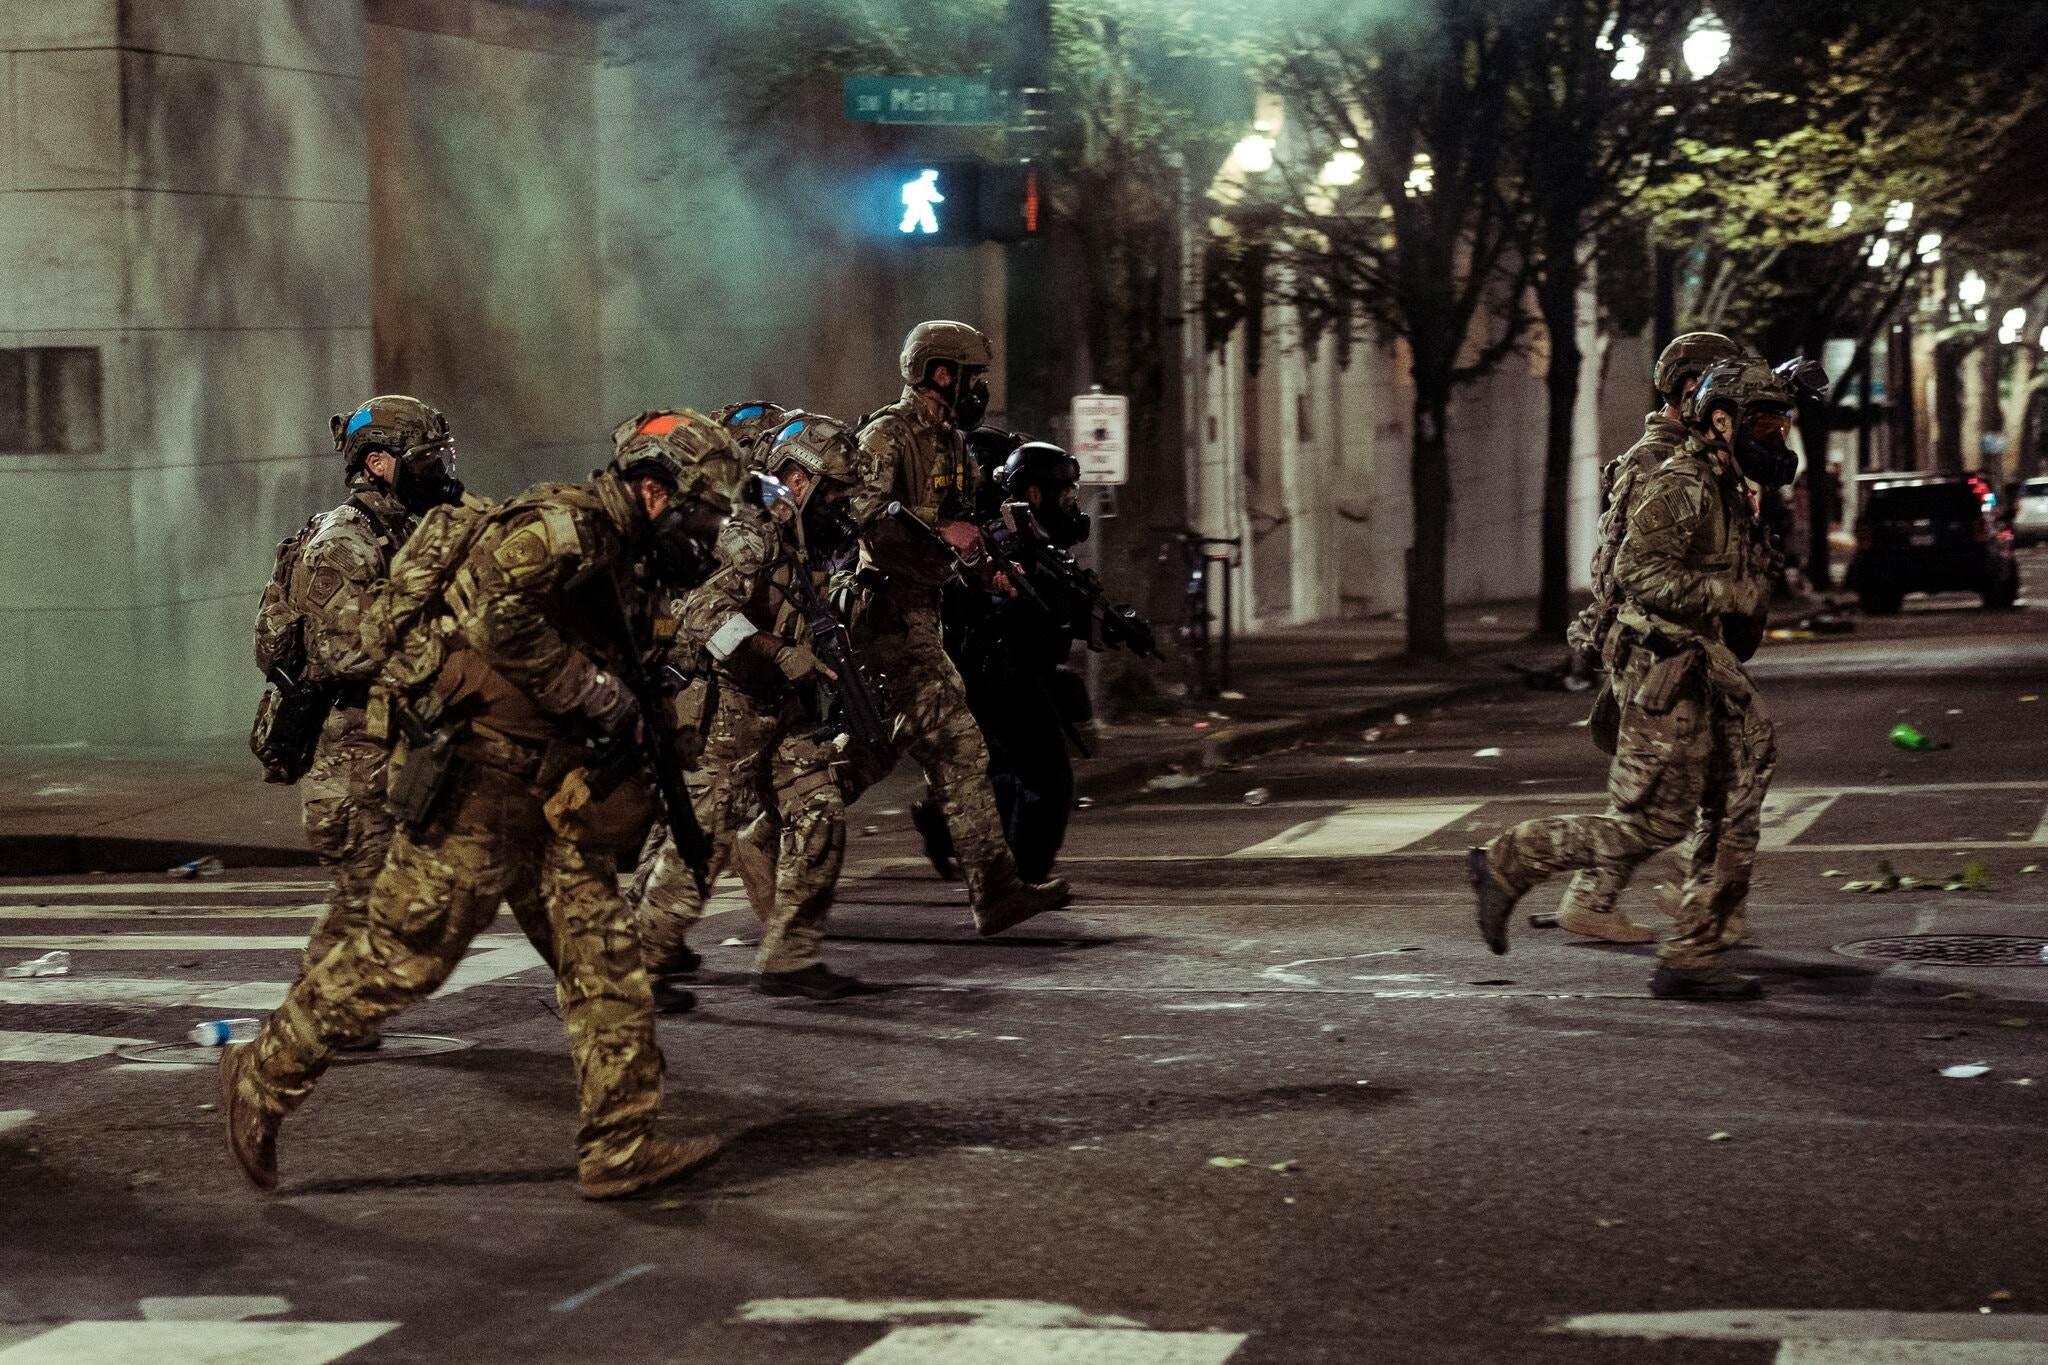 قوات فيدرالية ضد المتظاهرين في بورتلاند